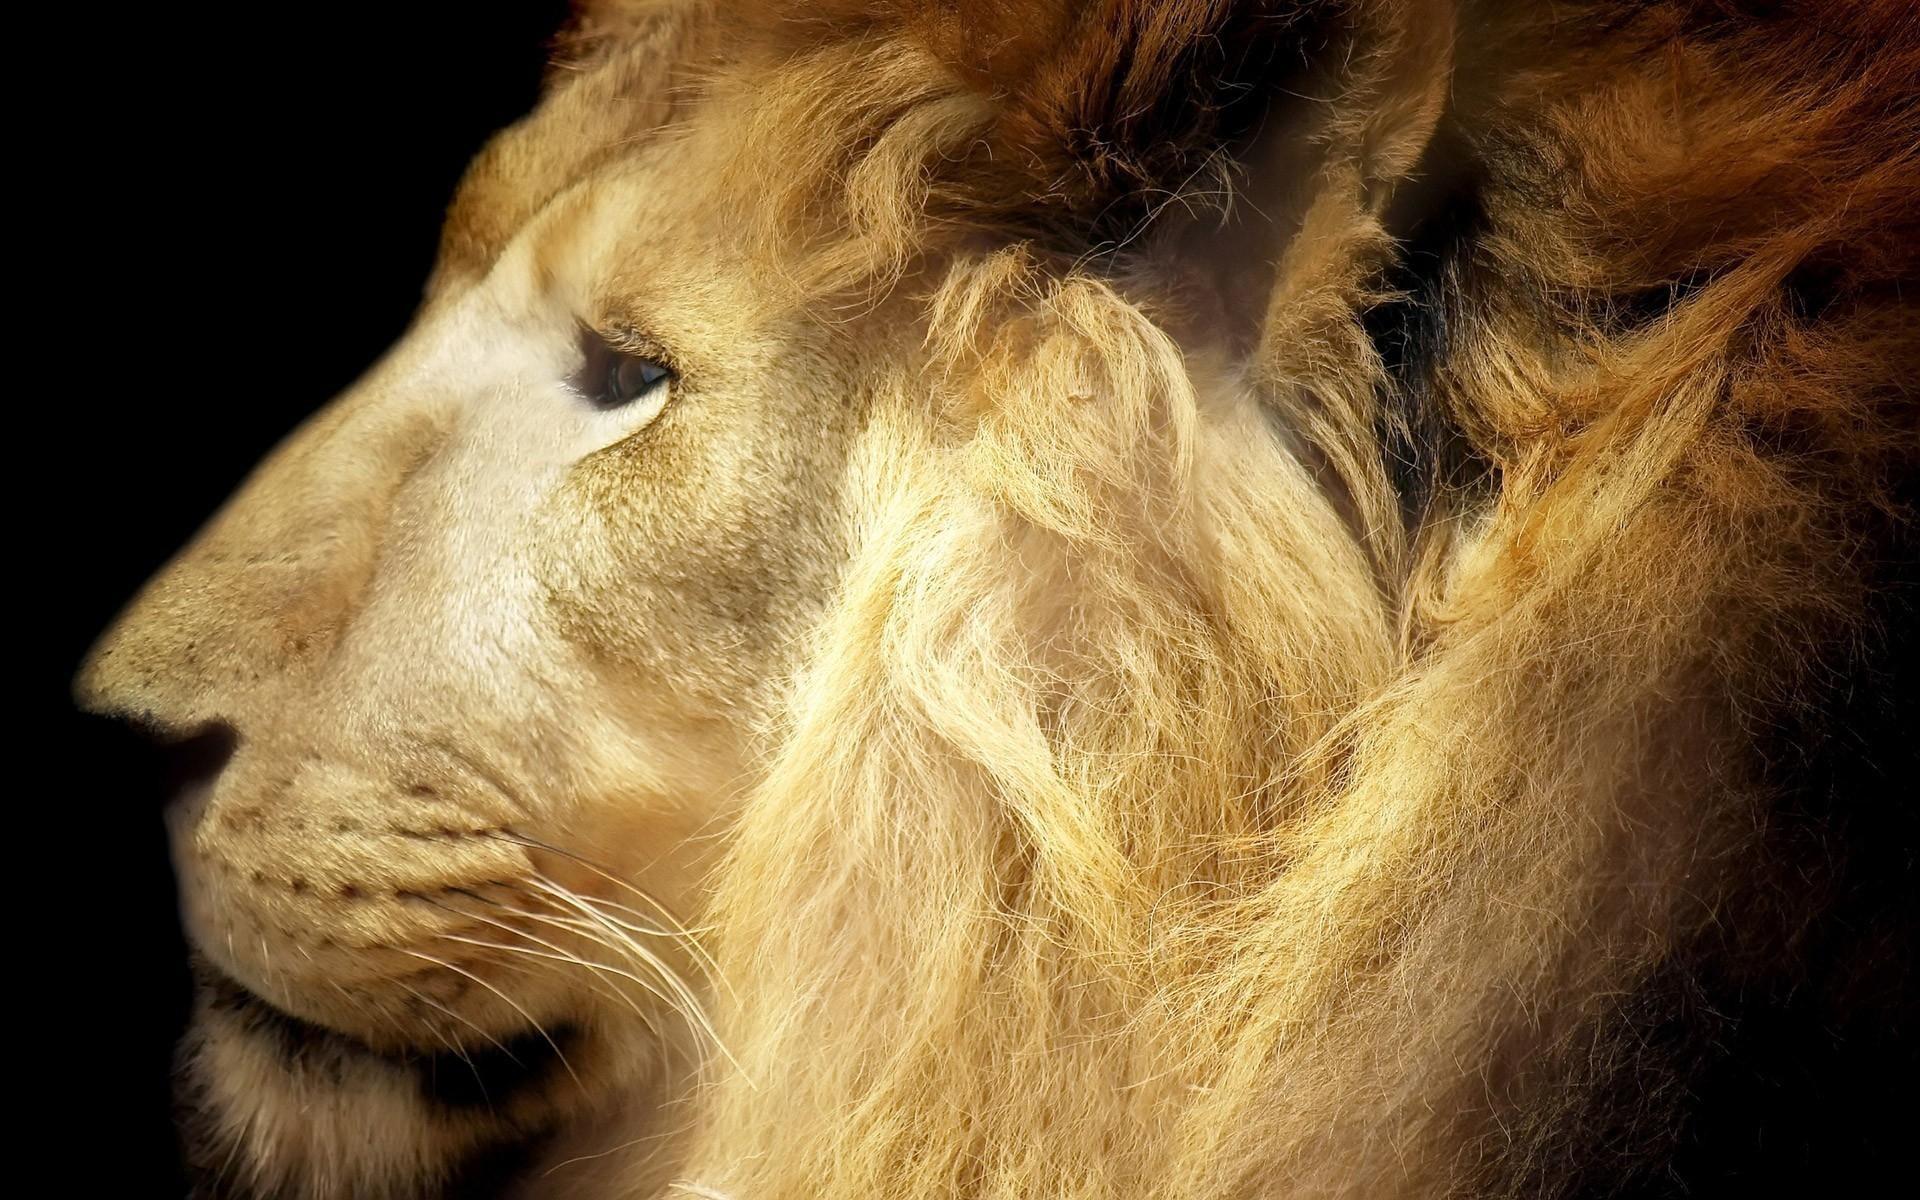 Res: 1920x1200, lion, face, mane